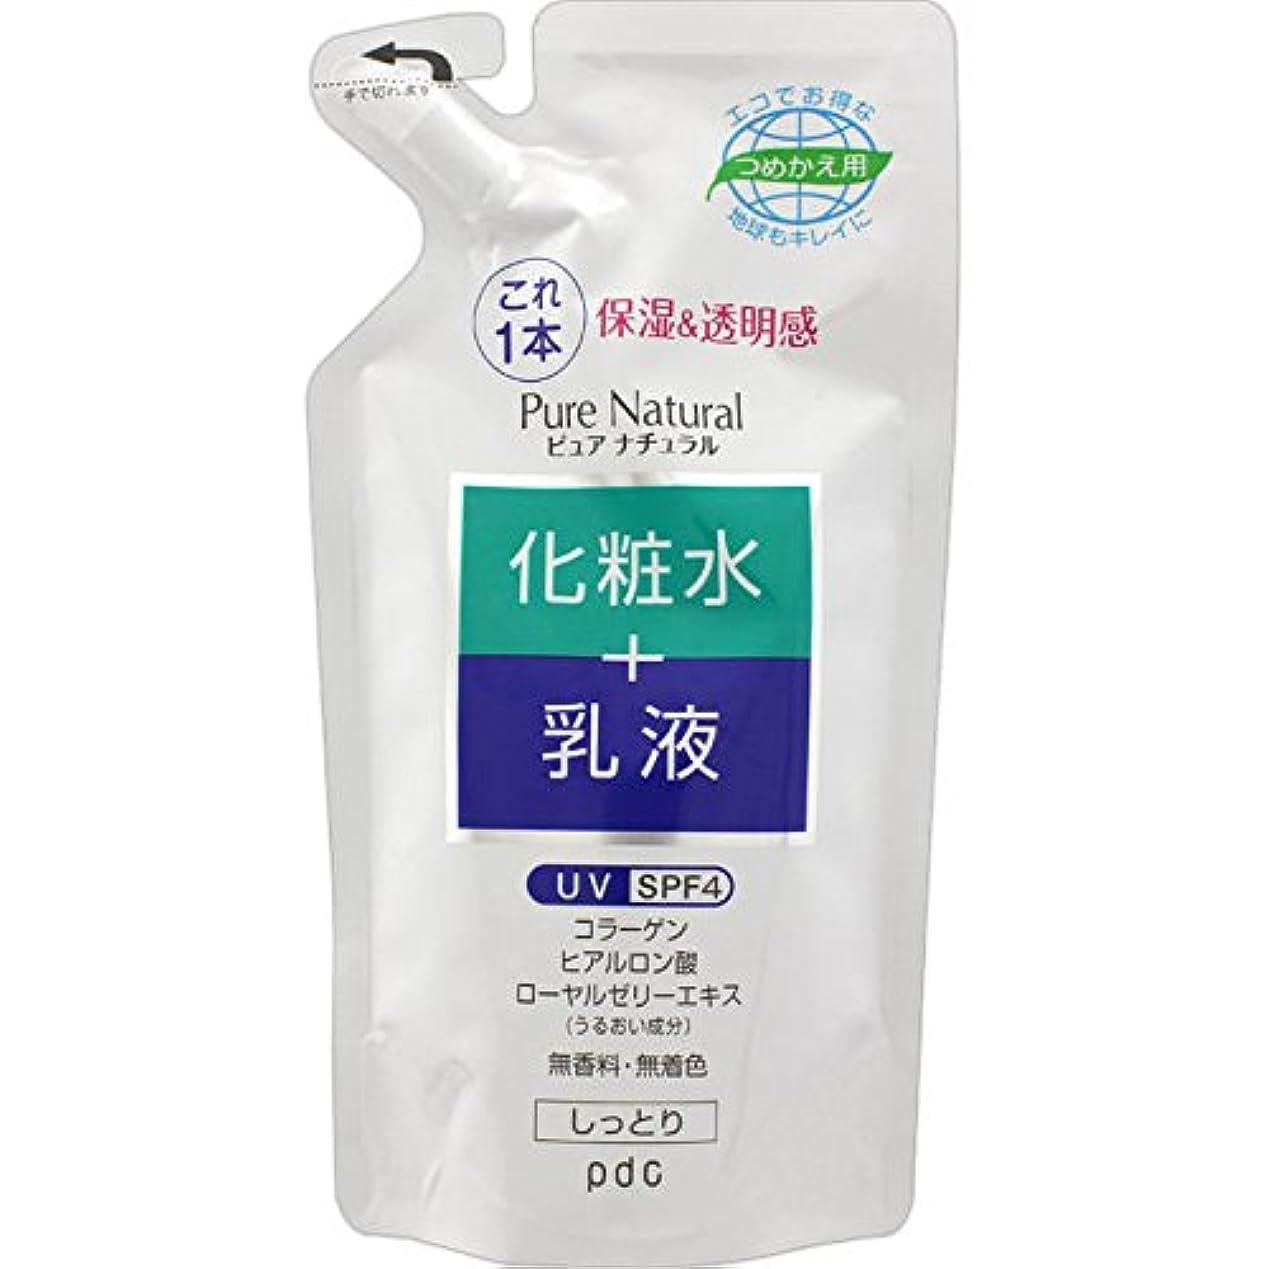 禁じる粘着性ヒューマニスティックポーラデイリーコスメ ピュア ナチュラル エッセンスローション UV(つめかえ用) 200ml